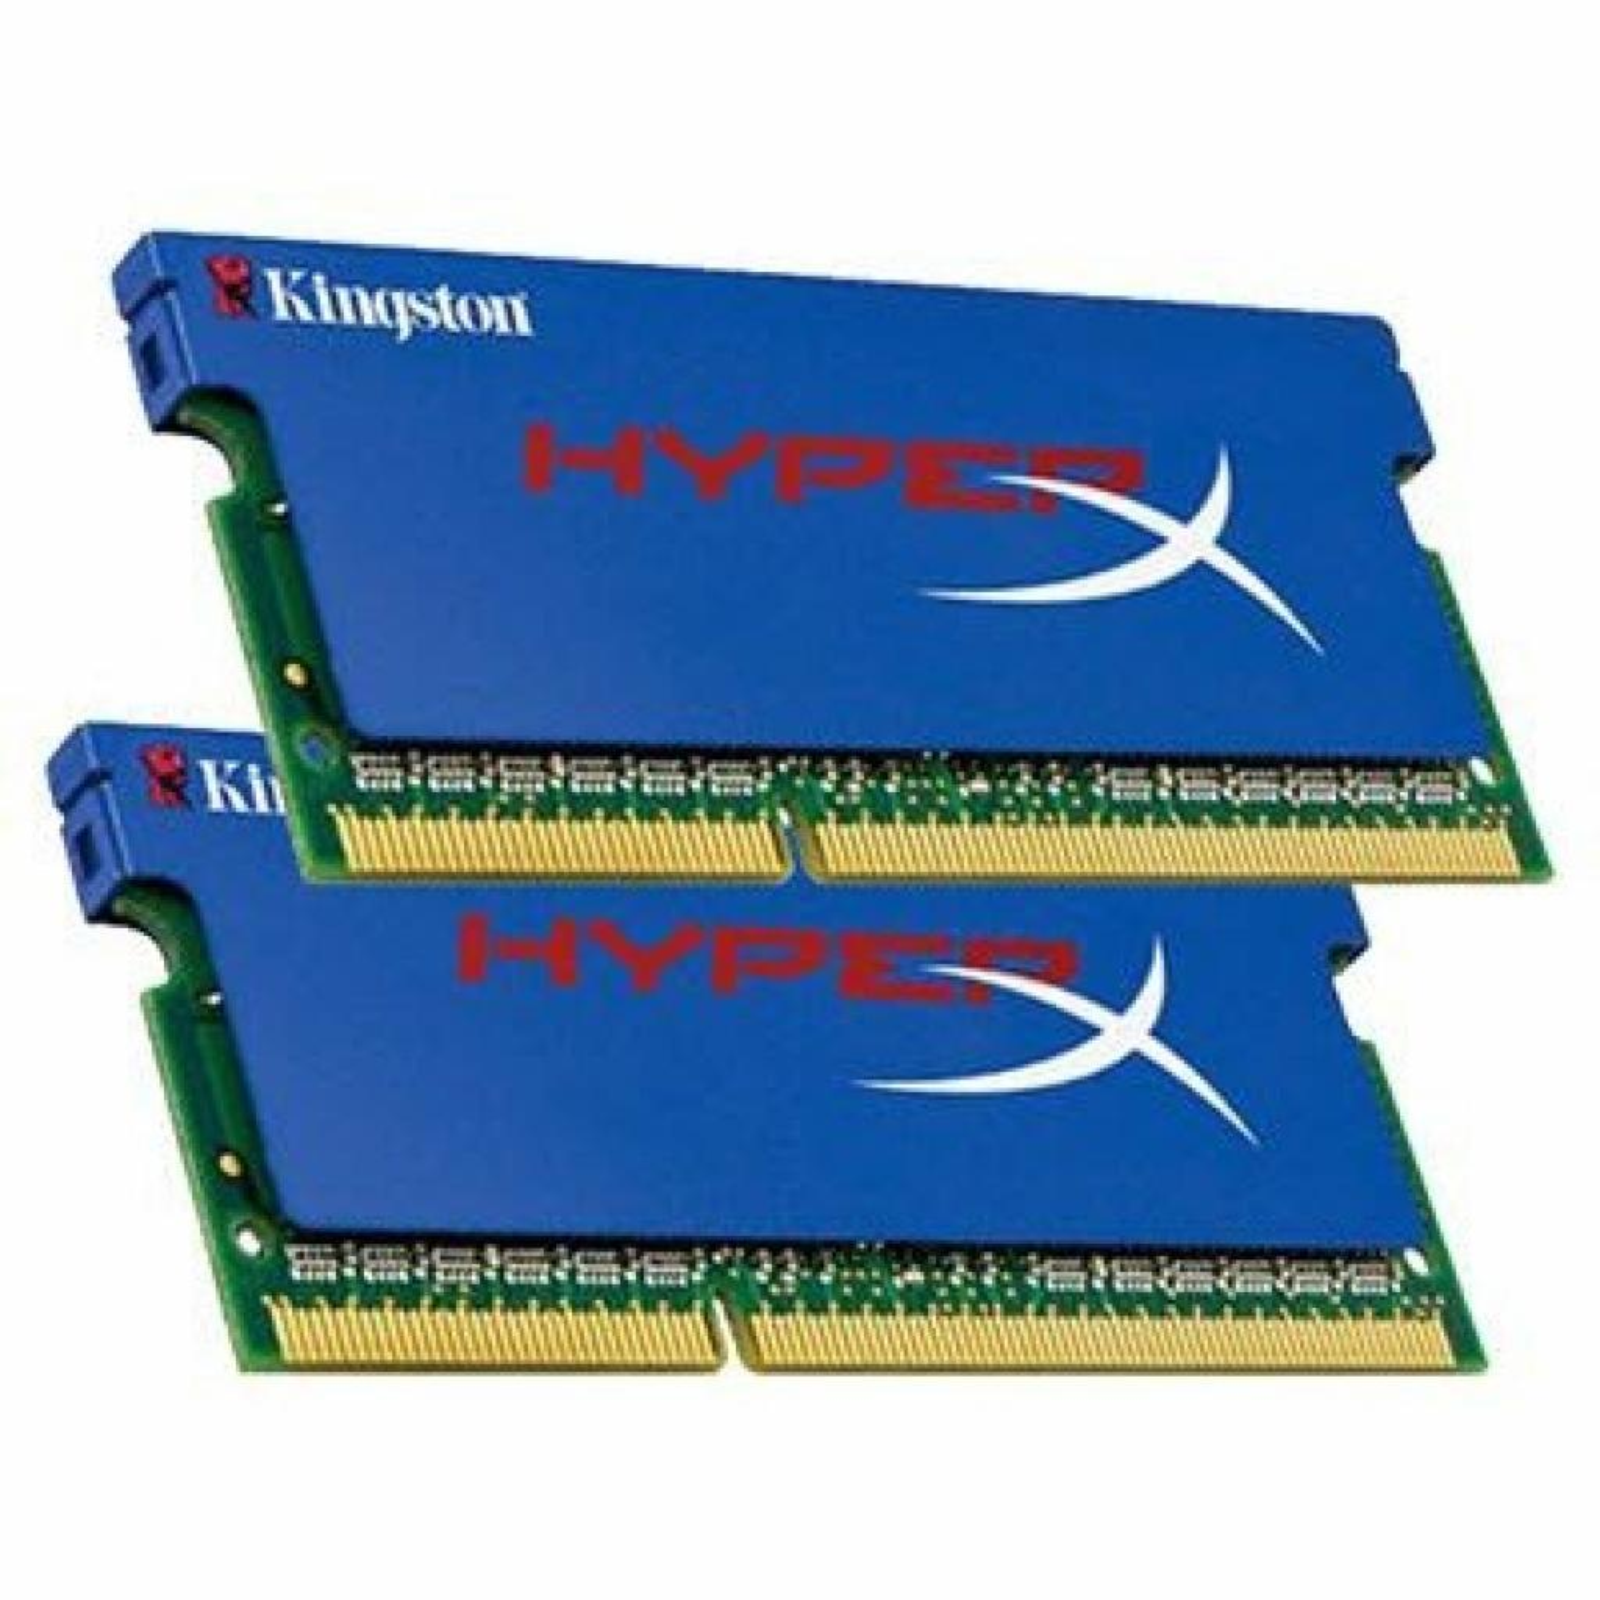 Модуль памяти для ноутбука SoDIMM DDR3 8GB (2x4GB) 1600 MHz Kingston (KHX1600C9S3K2/8GX)